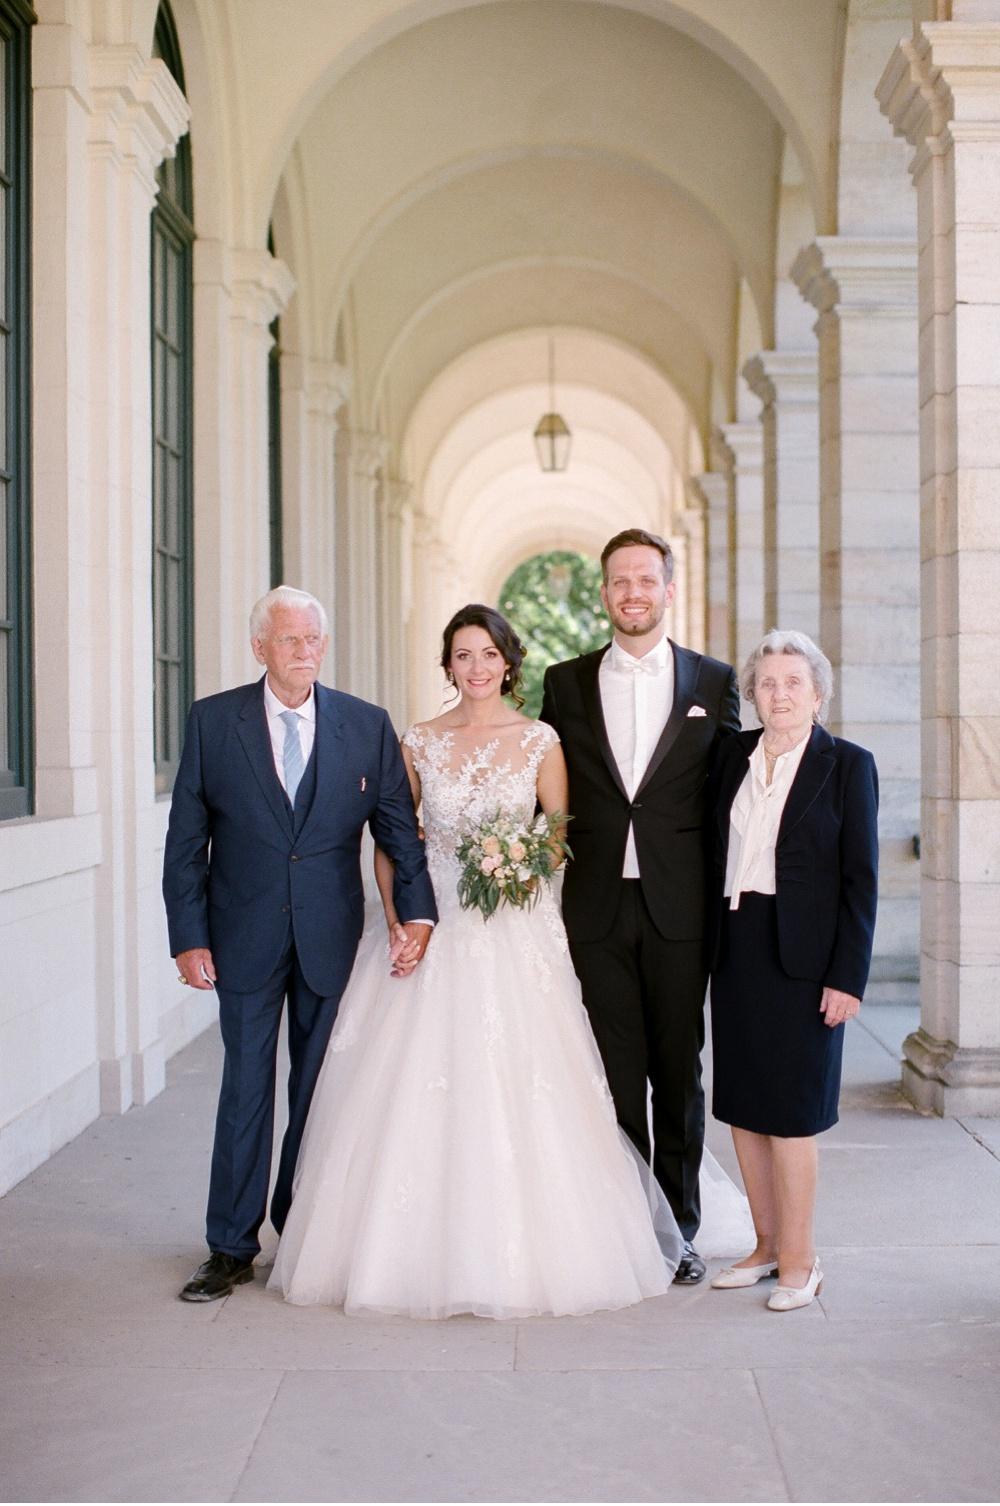 Wedding_Photographer_Tuscany©MadalinaSheldon_0032.jpg